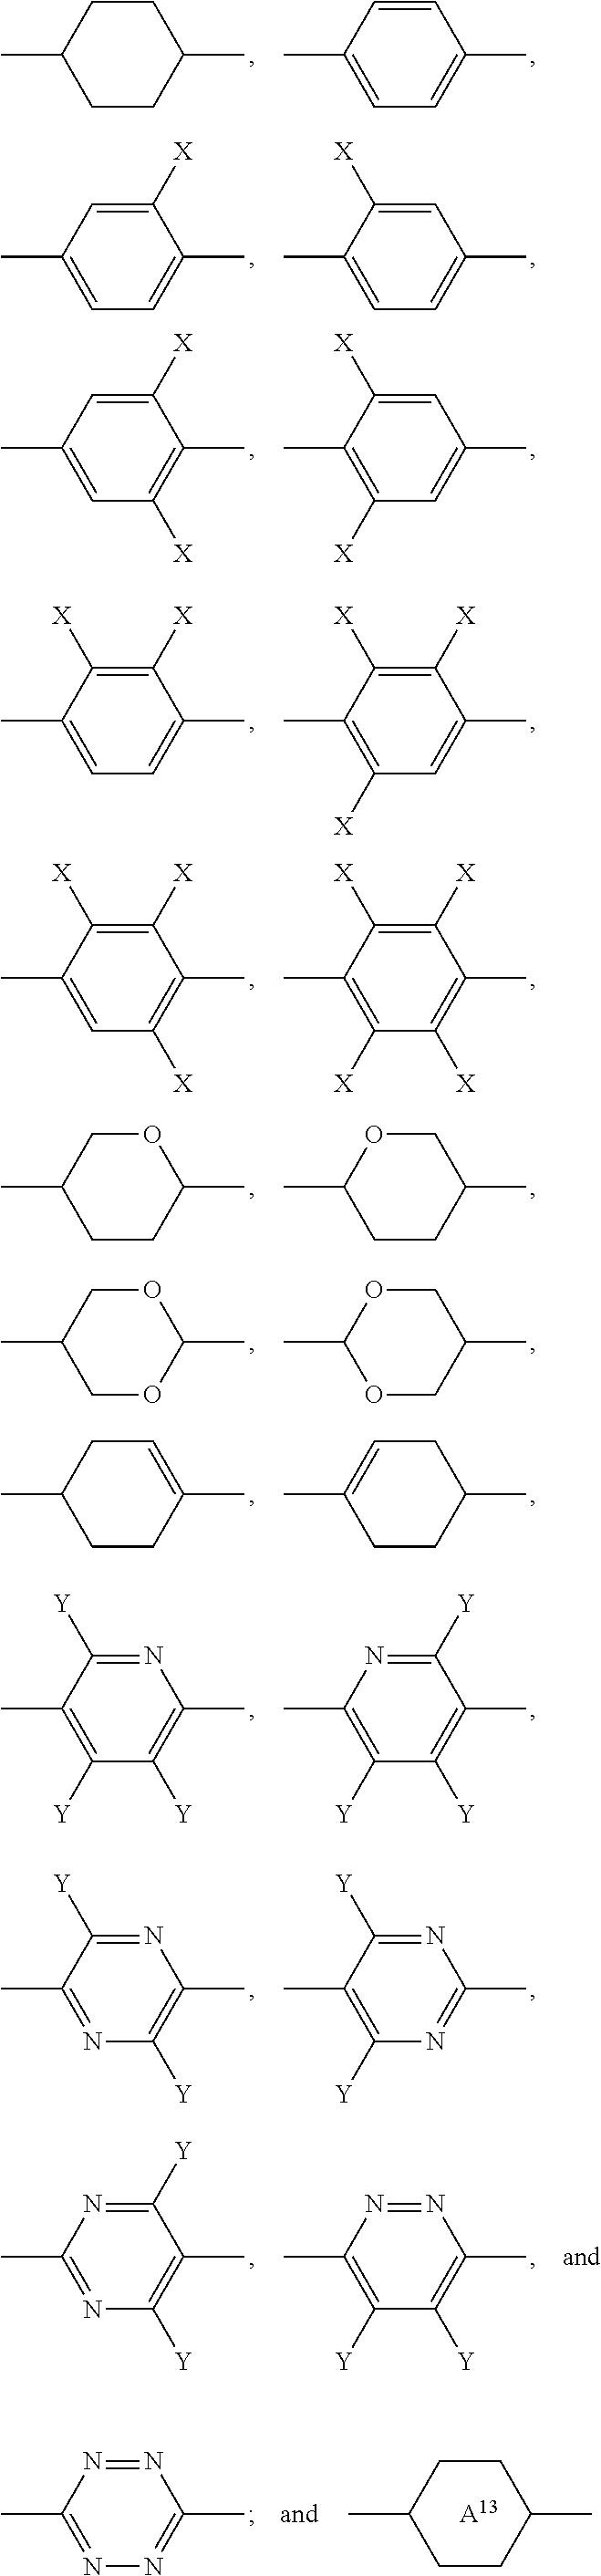 Figure US20130208227A1-20130815-C00003